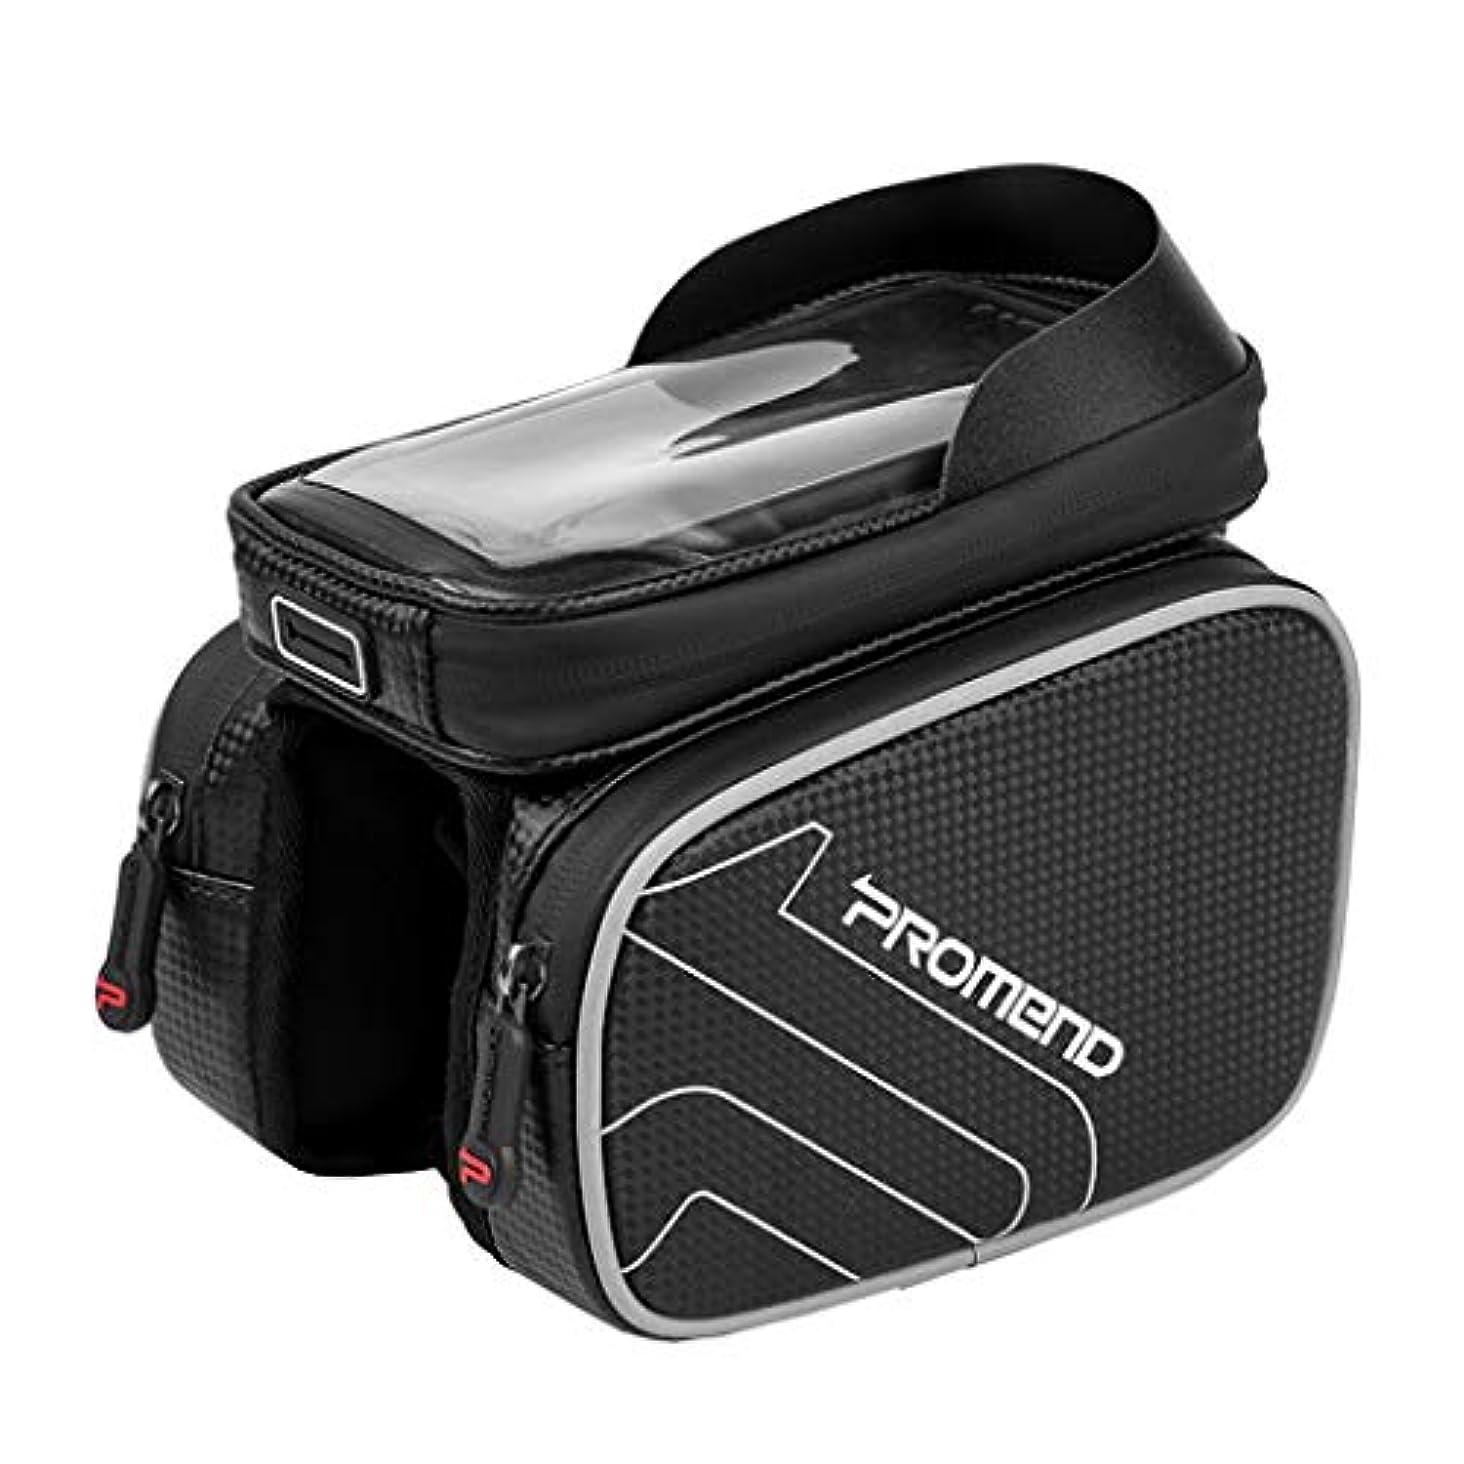 酸度六月起きるSweelive 自転車フレームバッグ トップチューブバッグ タッチスクリーン携帯電話バッグ スマホバッグ 防水 大容量 サイクリングポーチ 6.2インチ以下対応 サイクリング 収納